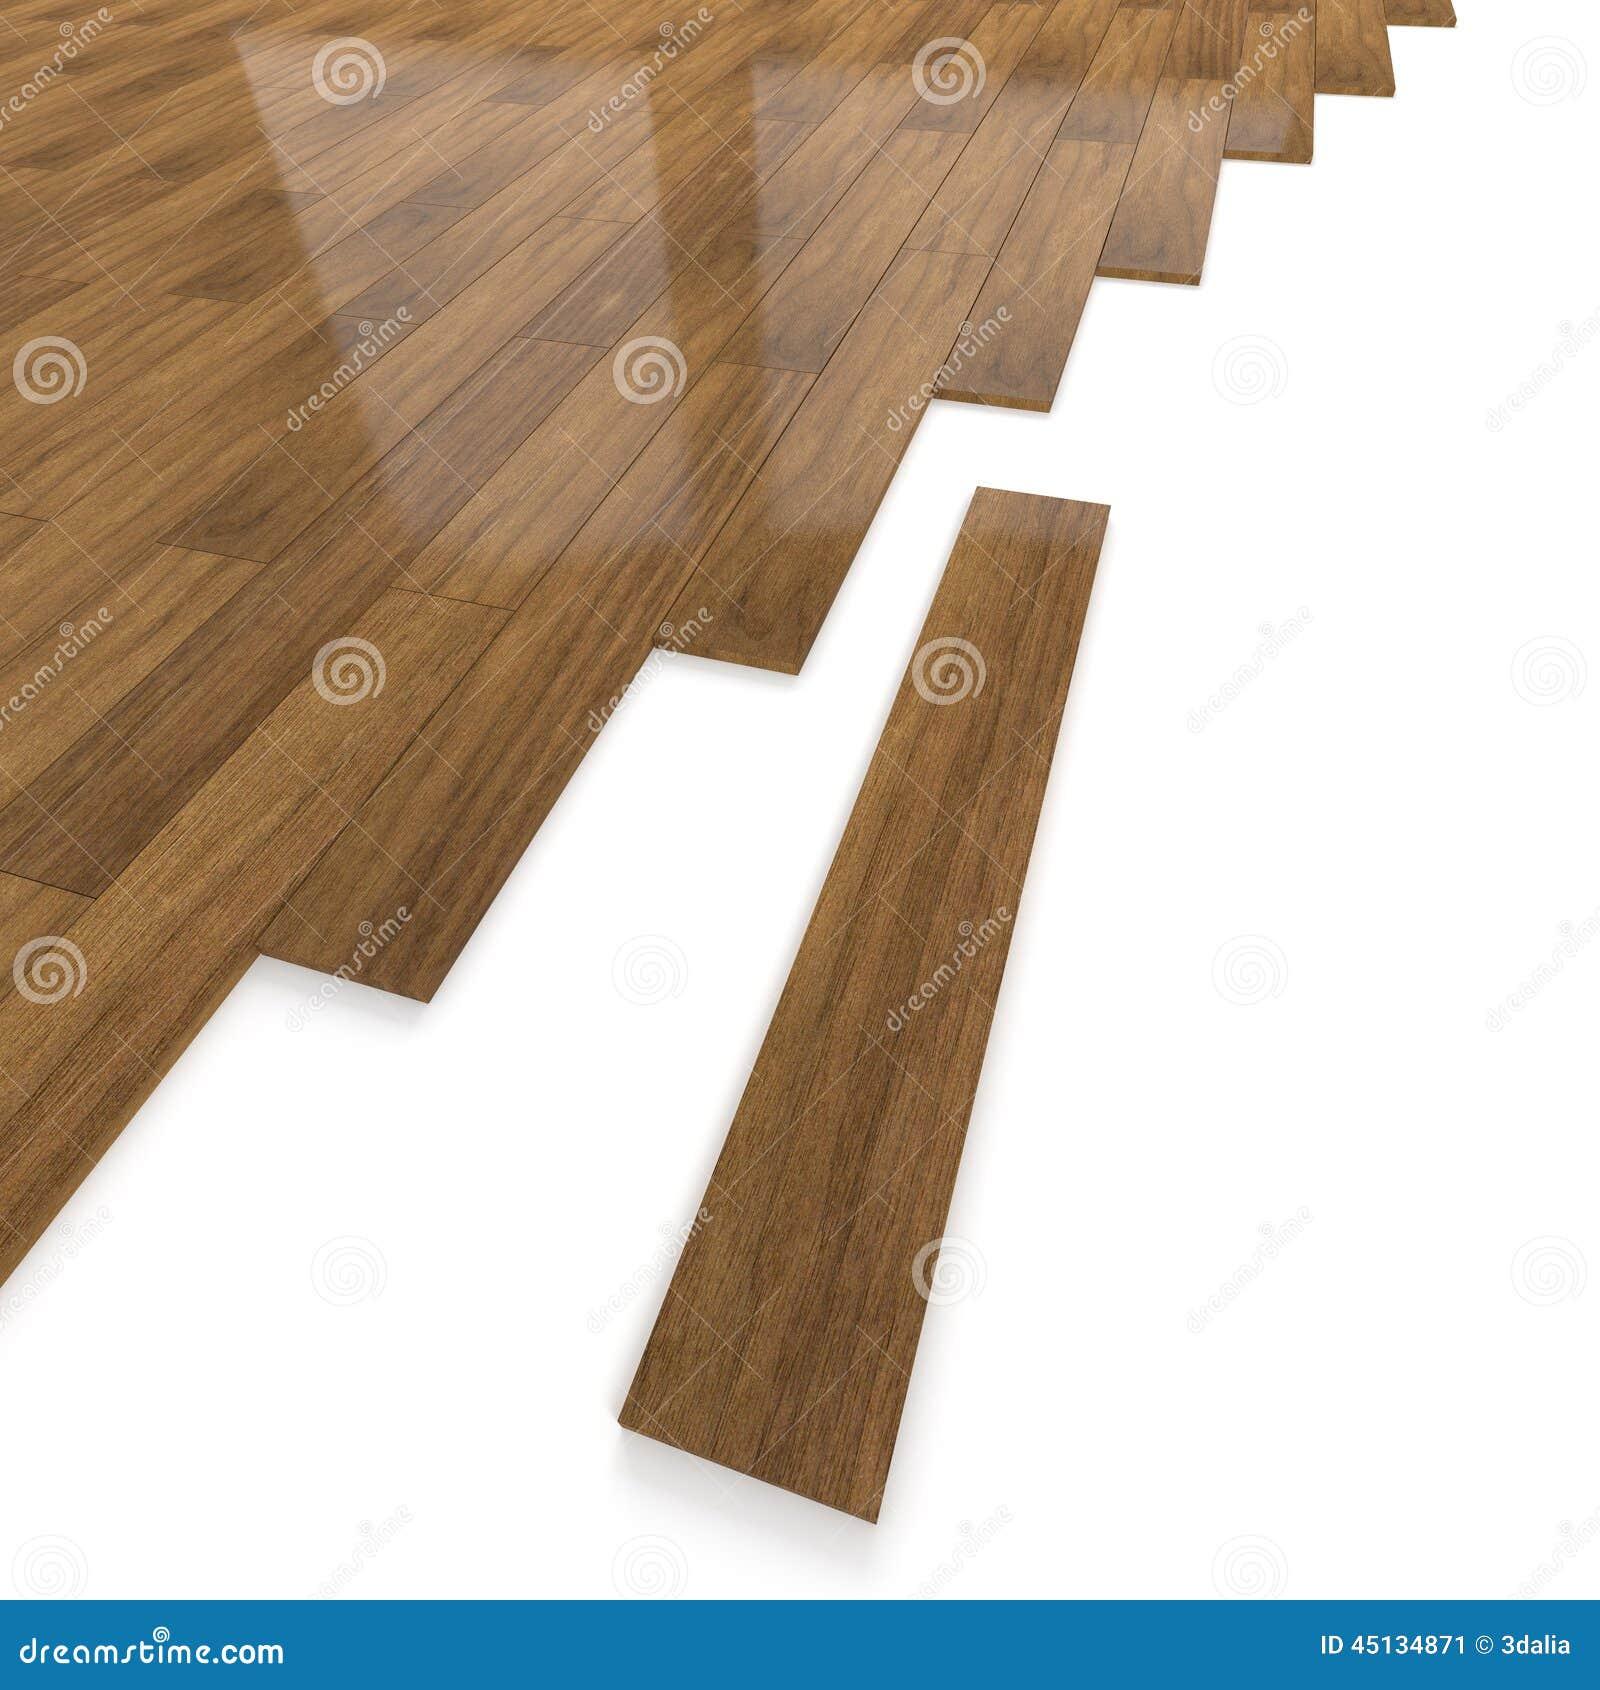 Carrelage en bois fonc du plancher 3d illustration stock for Carrelage plancher bois